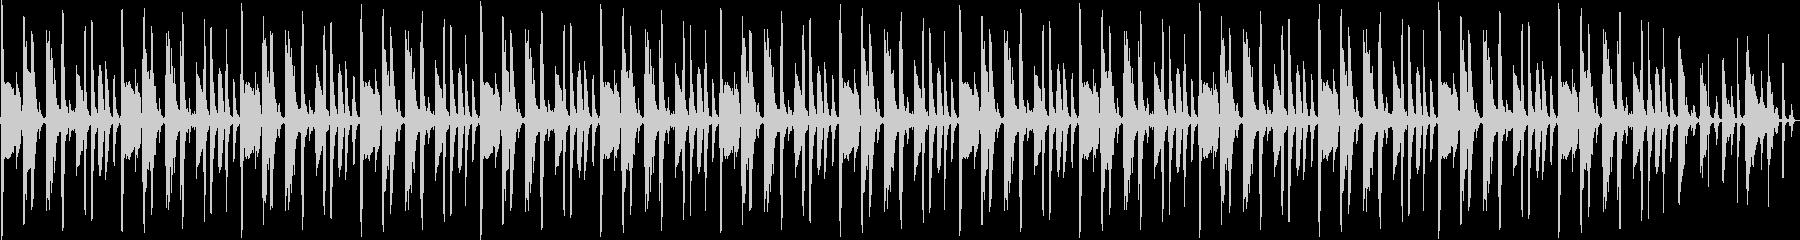 シンキングタイム(ラテン系、30秒)の未再生の波形